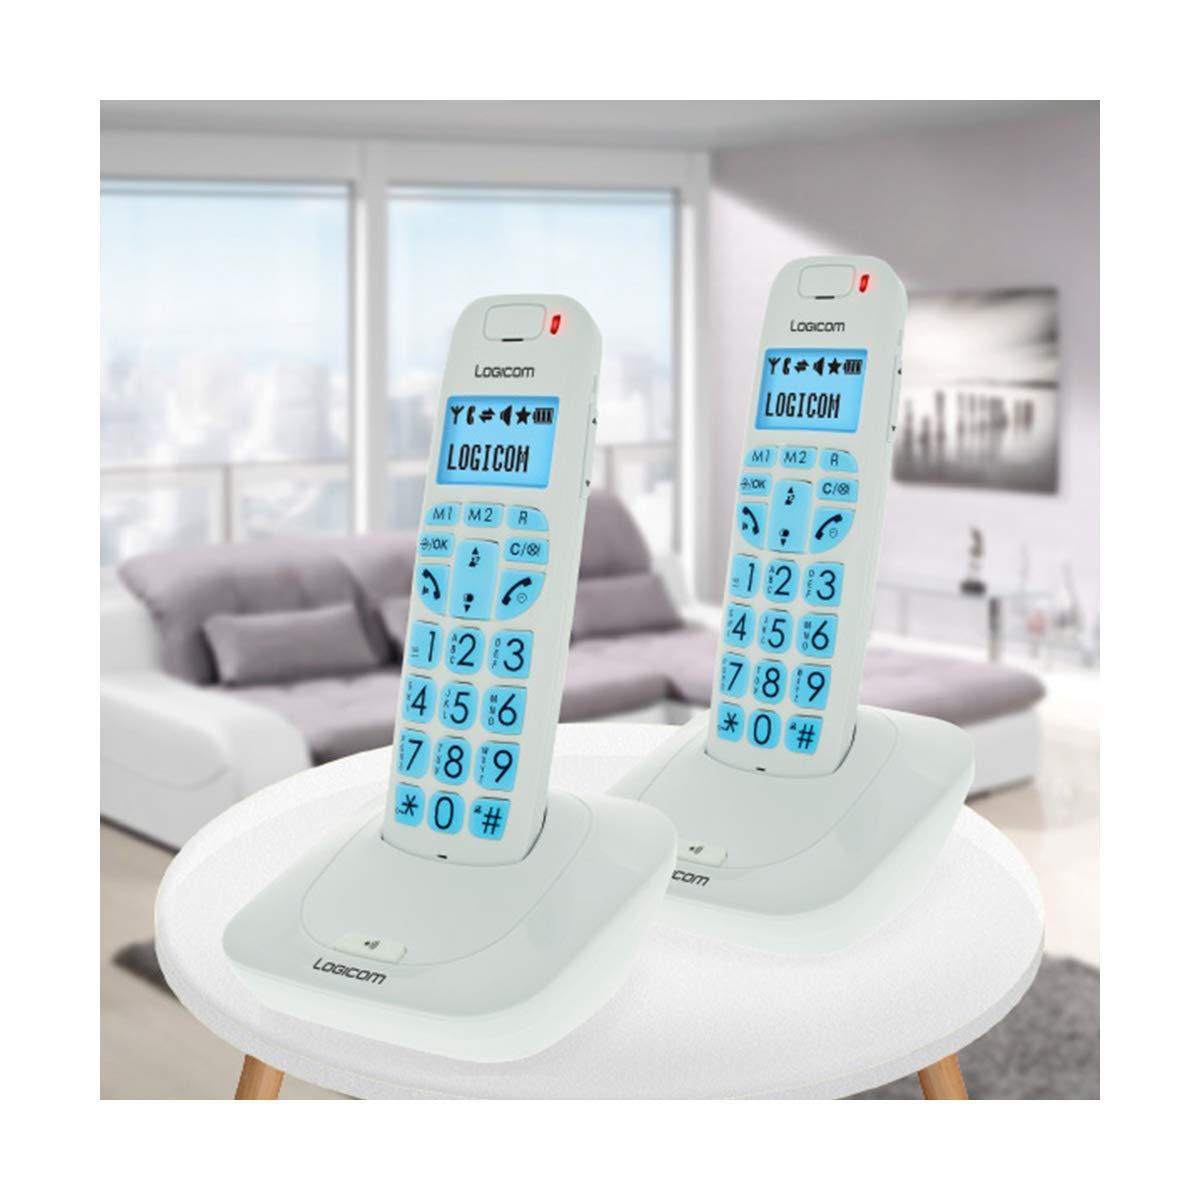 Logicom Comodidad 250 Duo – Teléfonos inalámbricos Pantalla táctil Blanco: Amazon.es: Electrónica